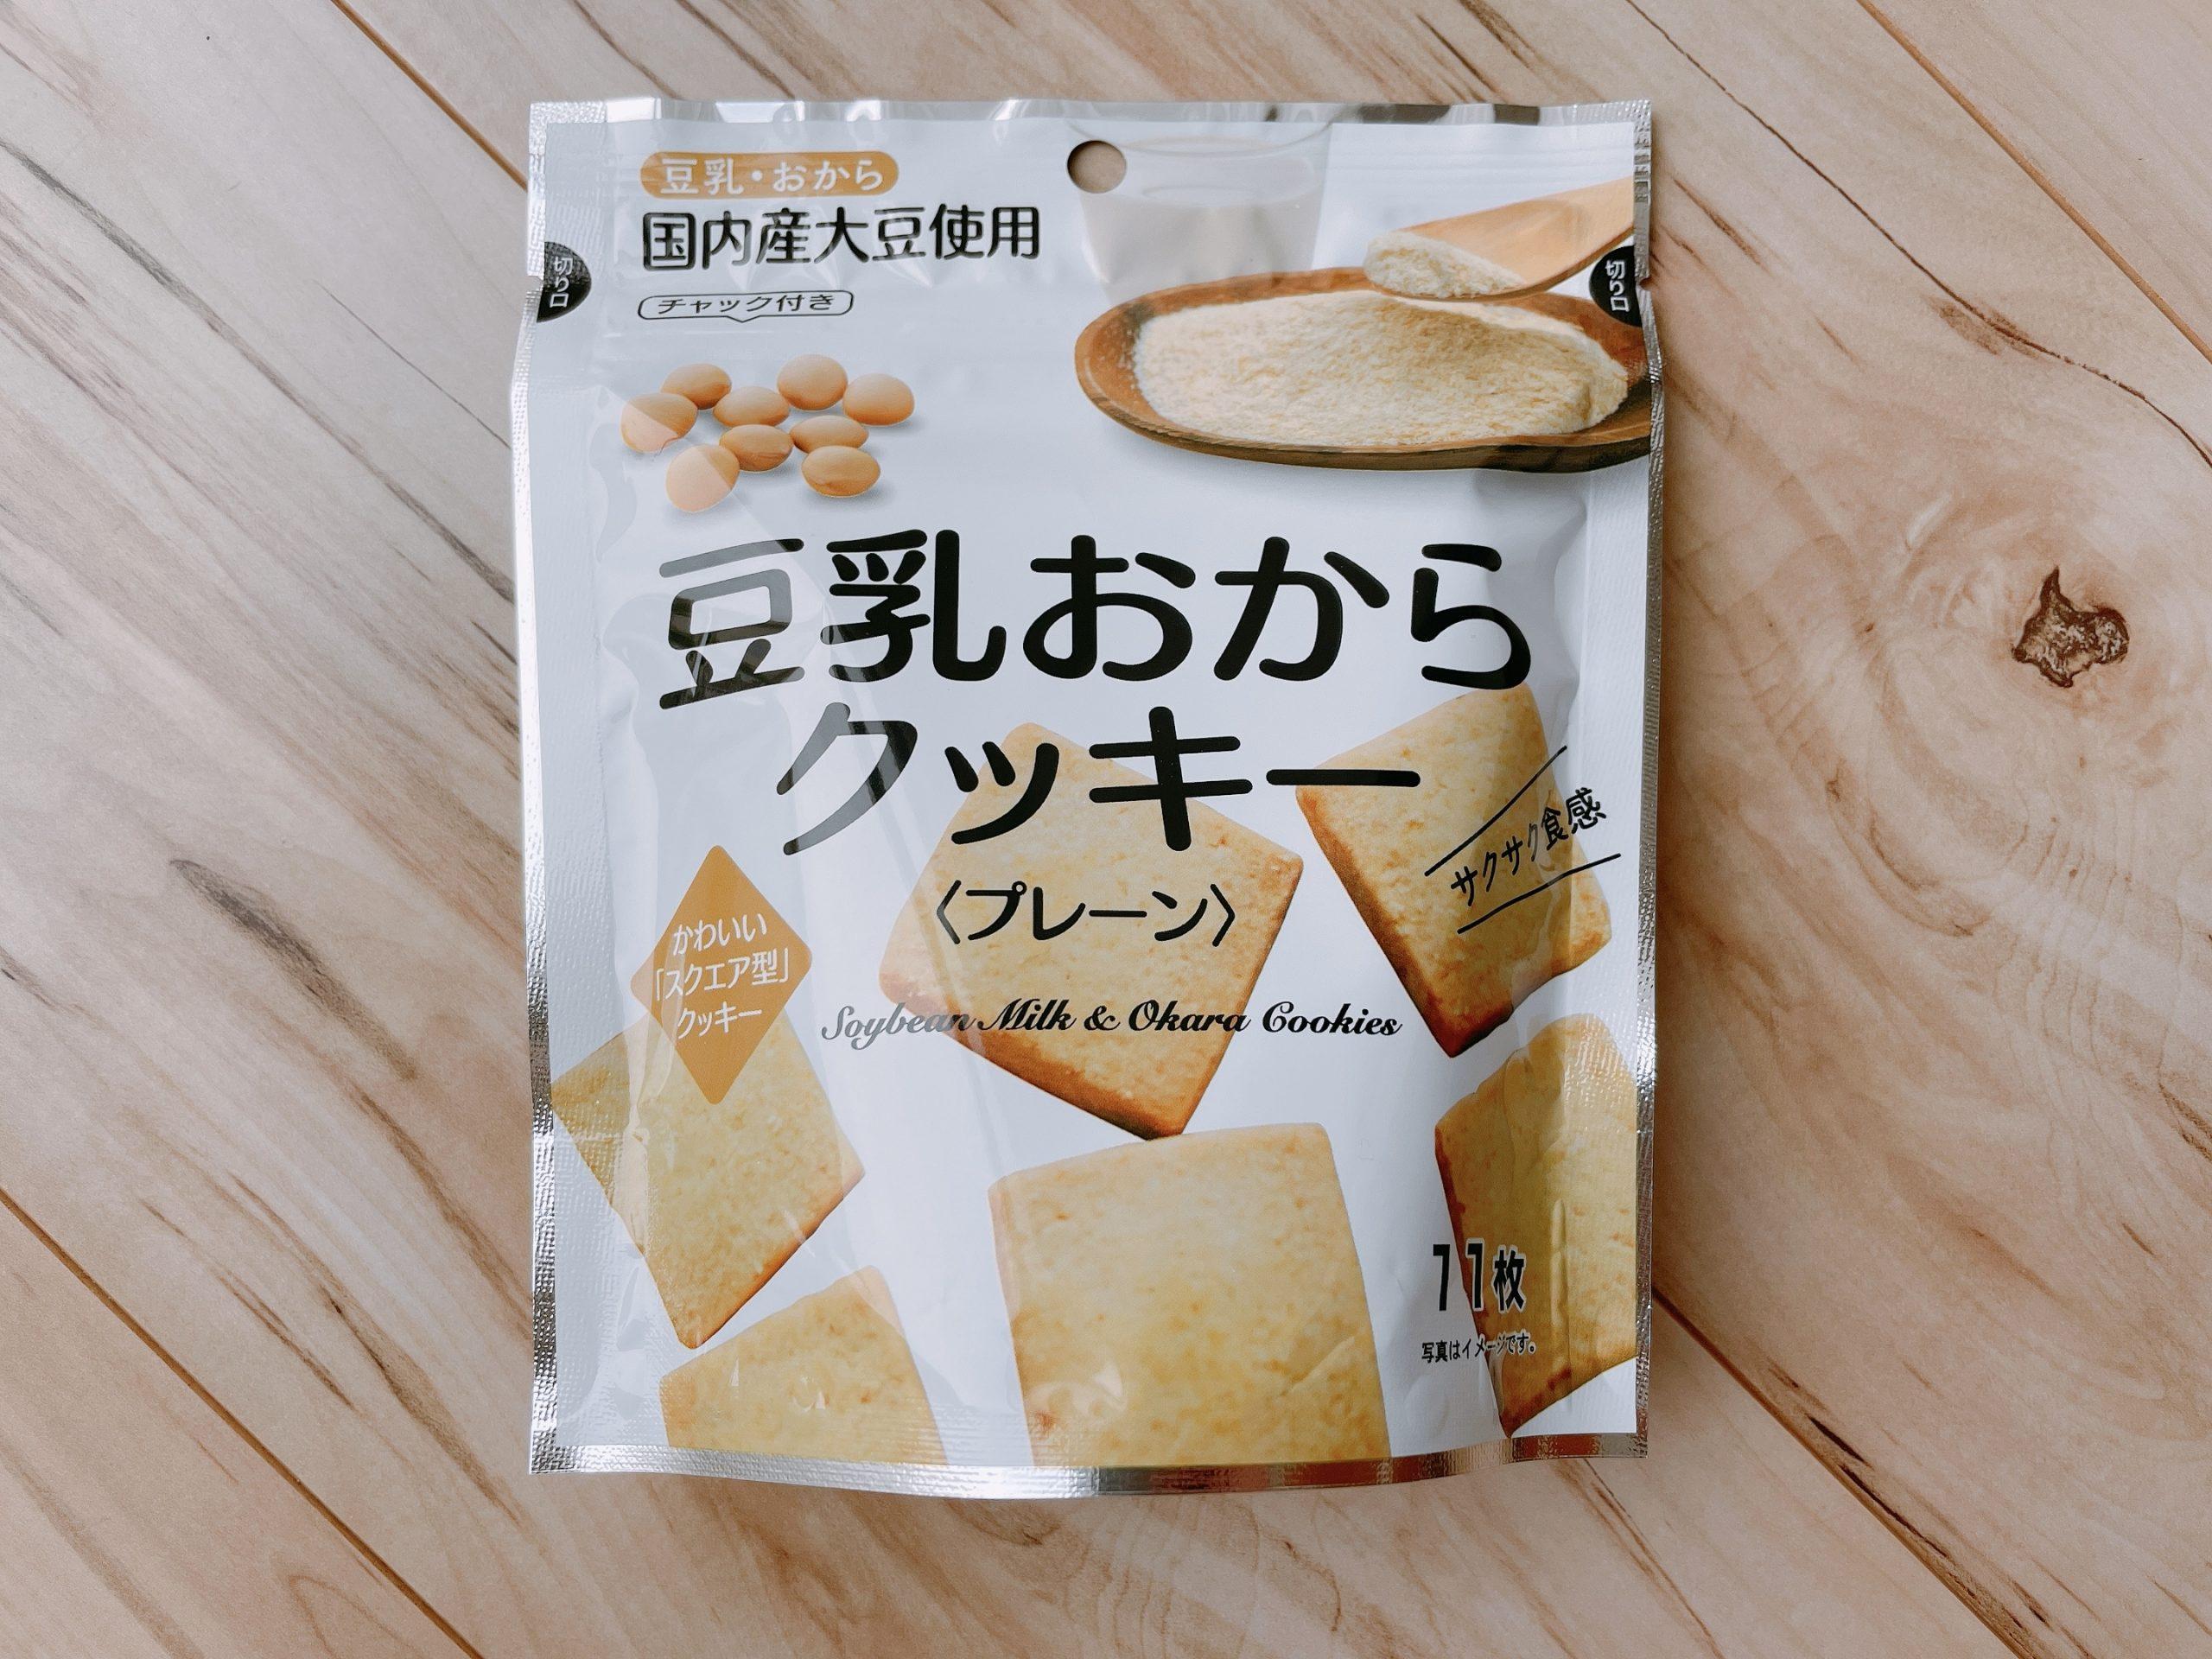 豆乳おからクッキー<プレーン>パッケージ